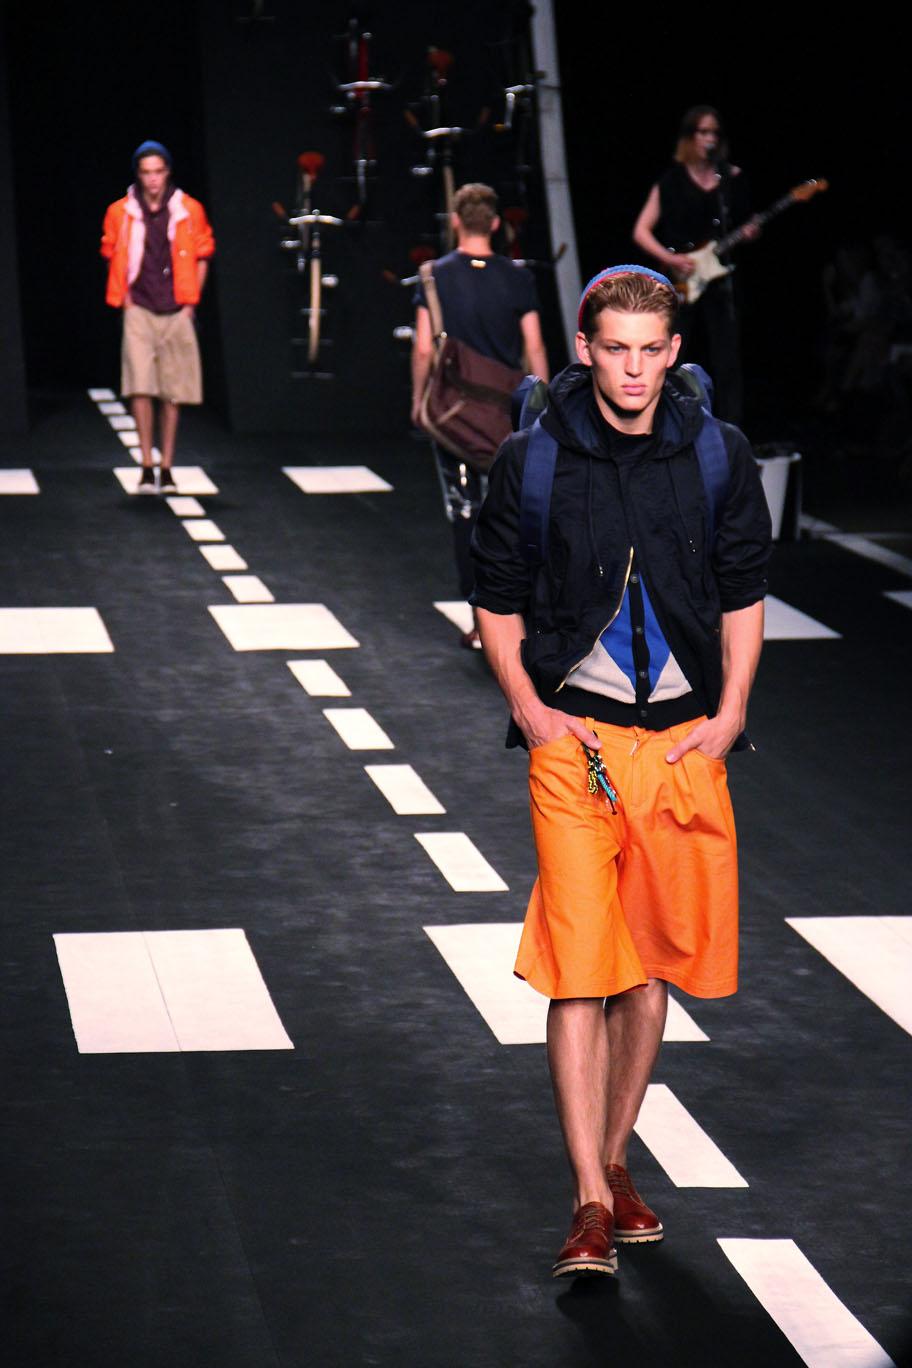 frankie-morello-spring-summer-2012-men-collection-milano-fashion-week-2012-frankie-morello-primavera-estate-fashion-show-catwalk